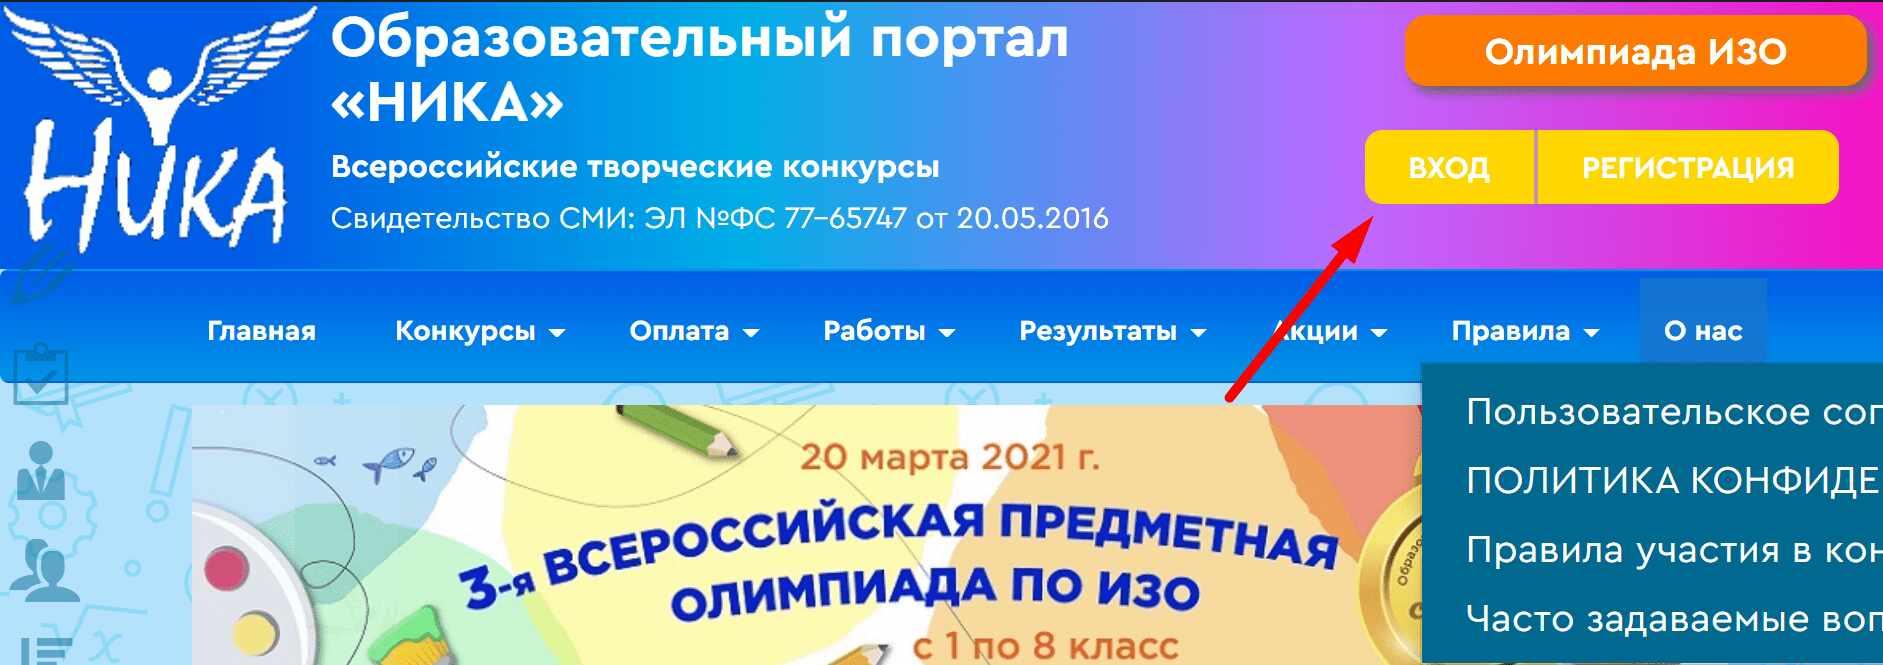 Официальный сайт образовательного портала «НИКА»